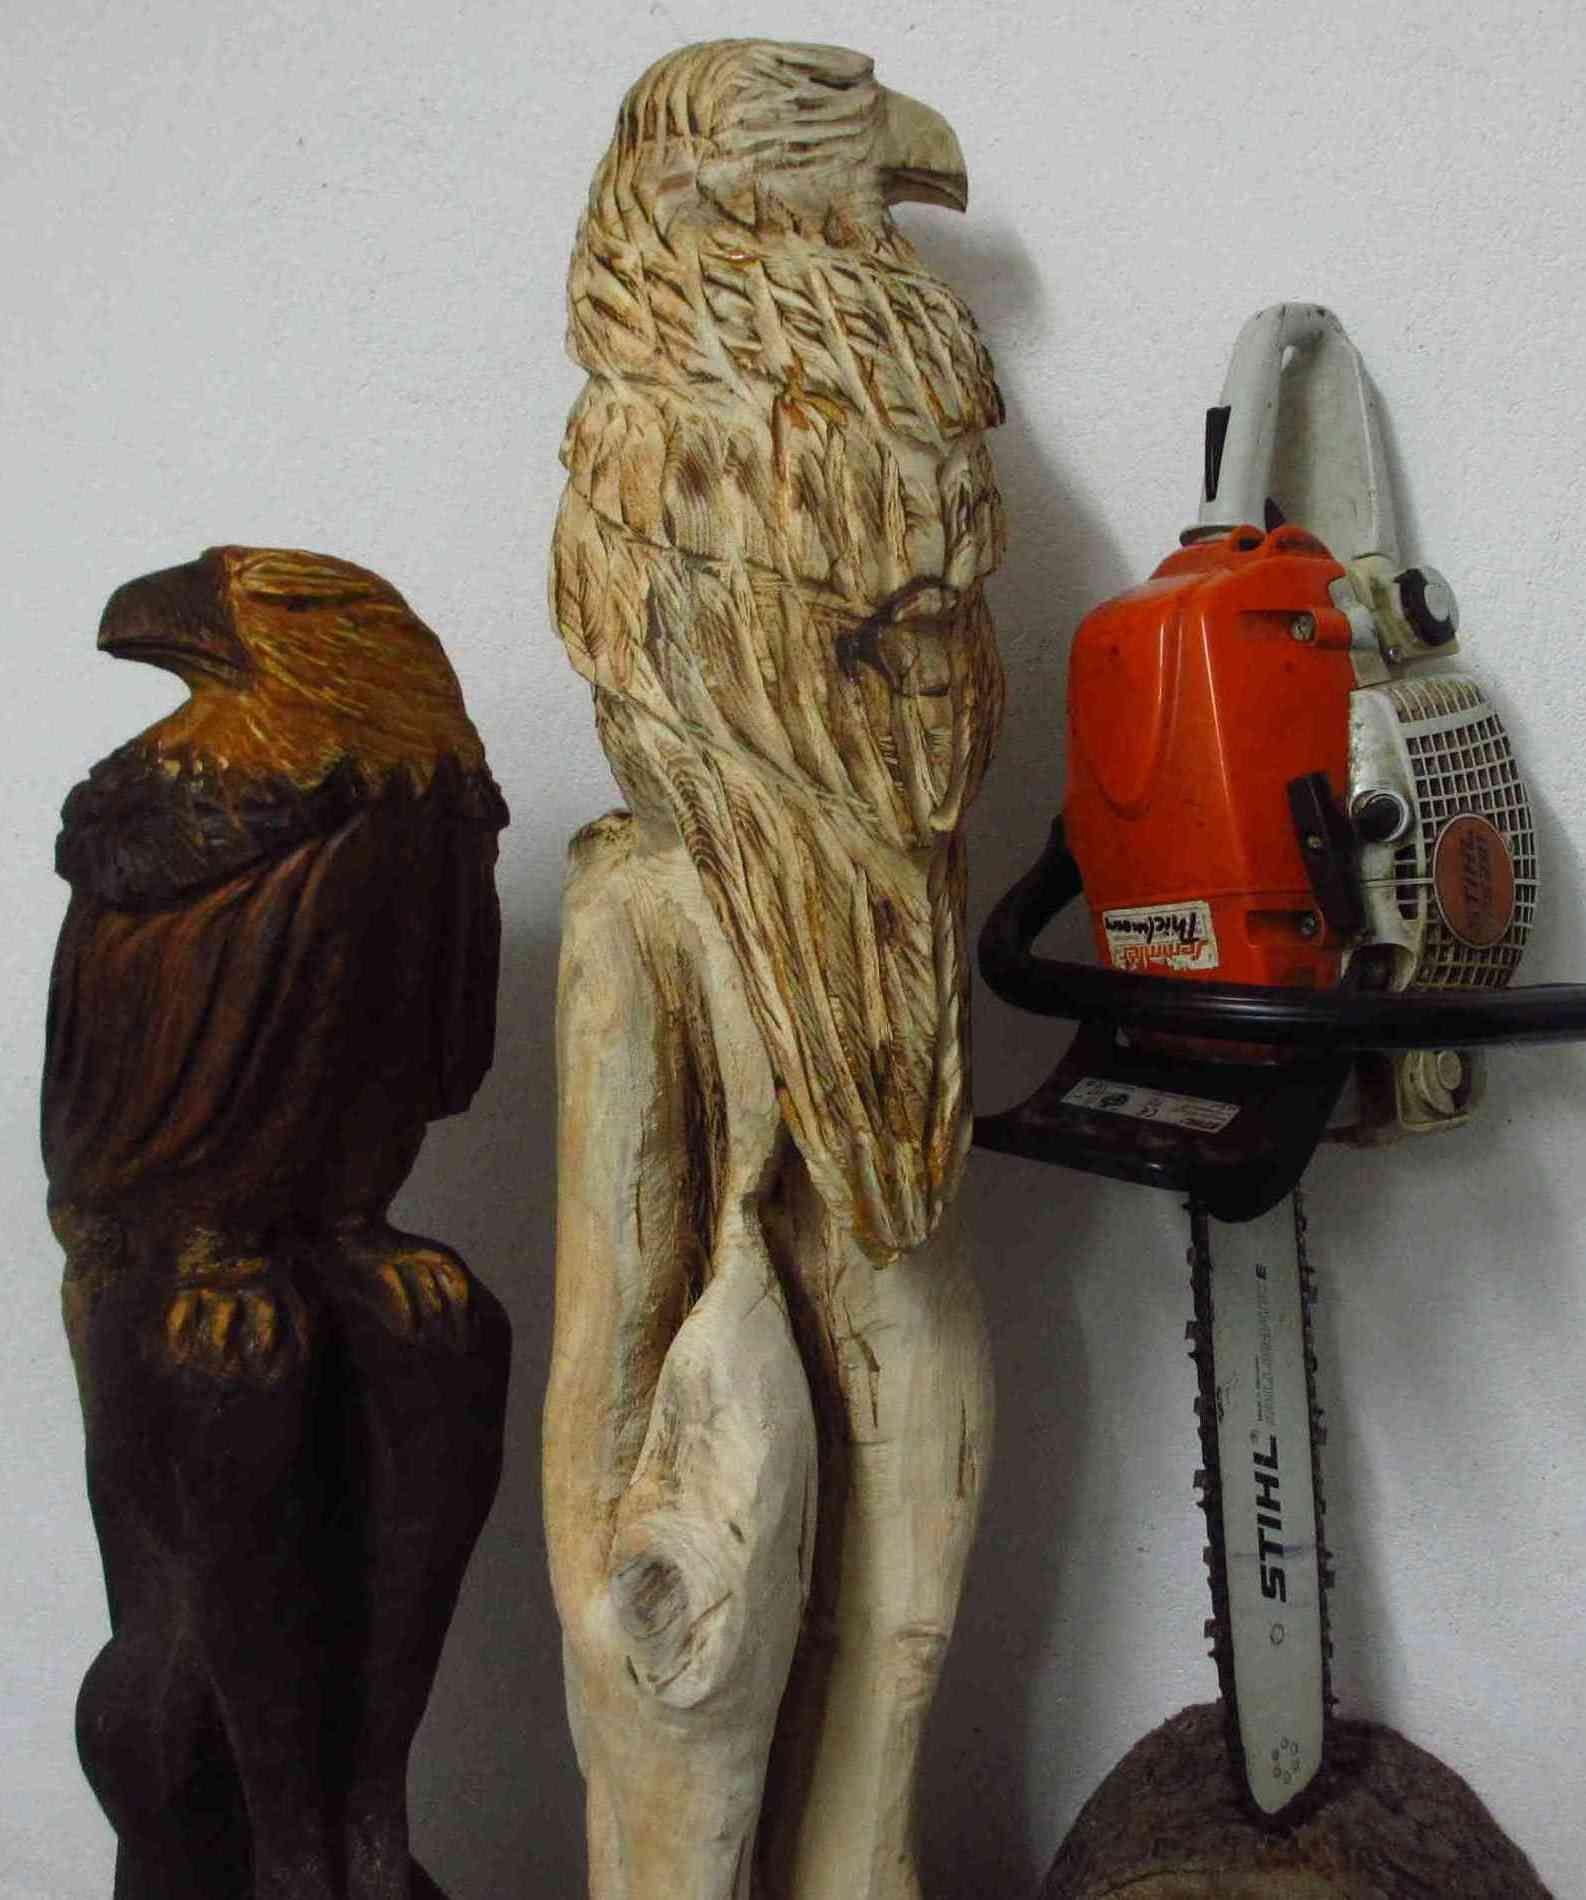 adler aus holz mit der motorsäge geschnitzt.   chainsaw woodcarving